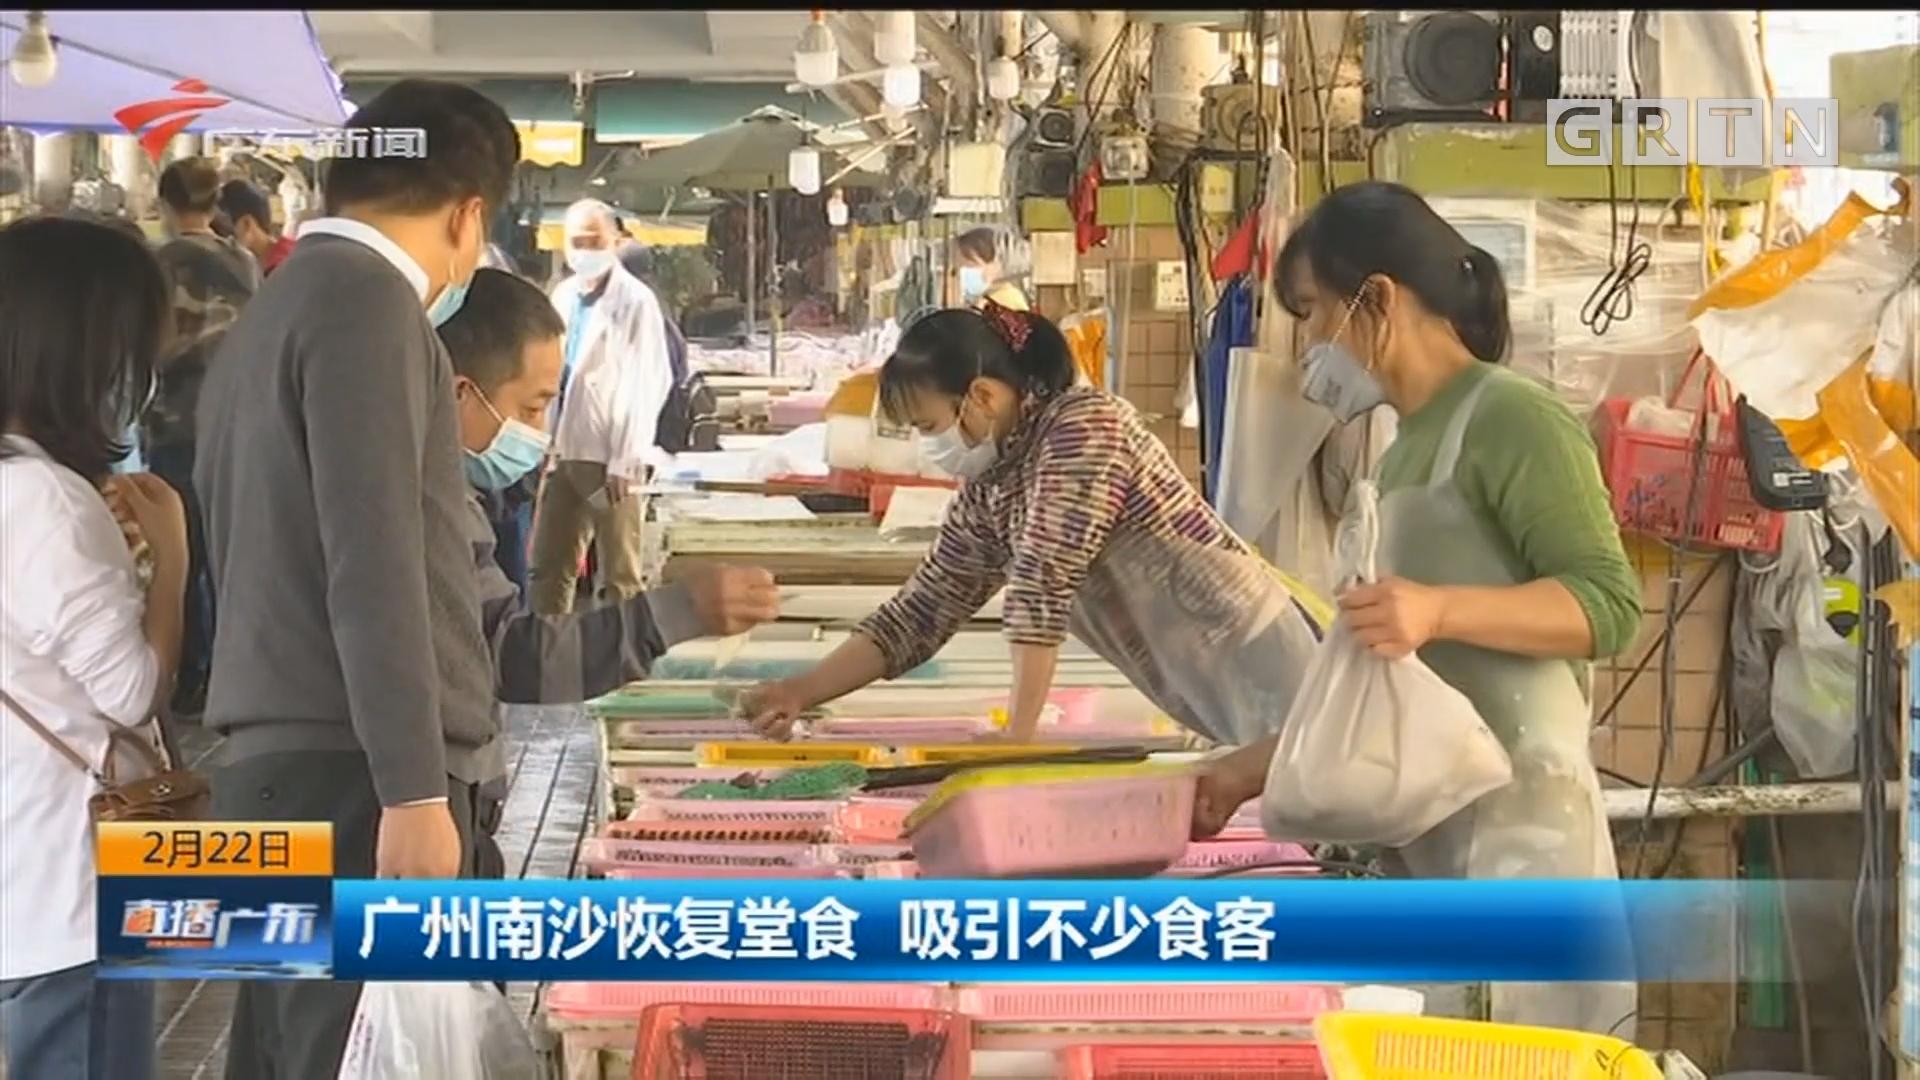 广州南沙恢复堂食 吸引不少食客